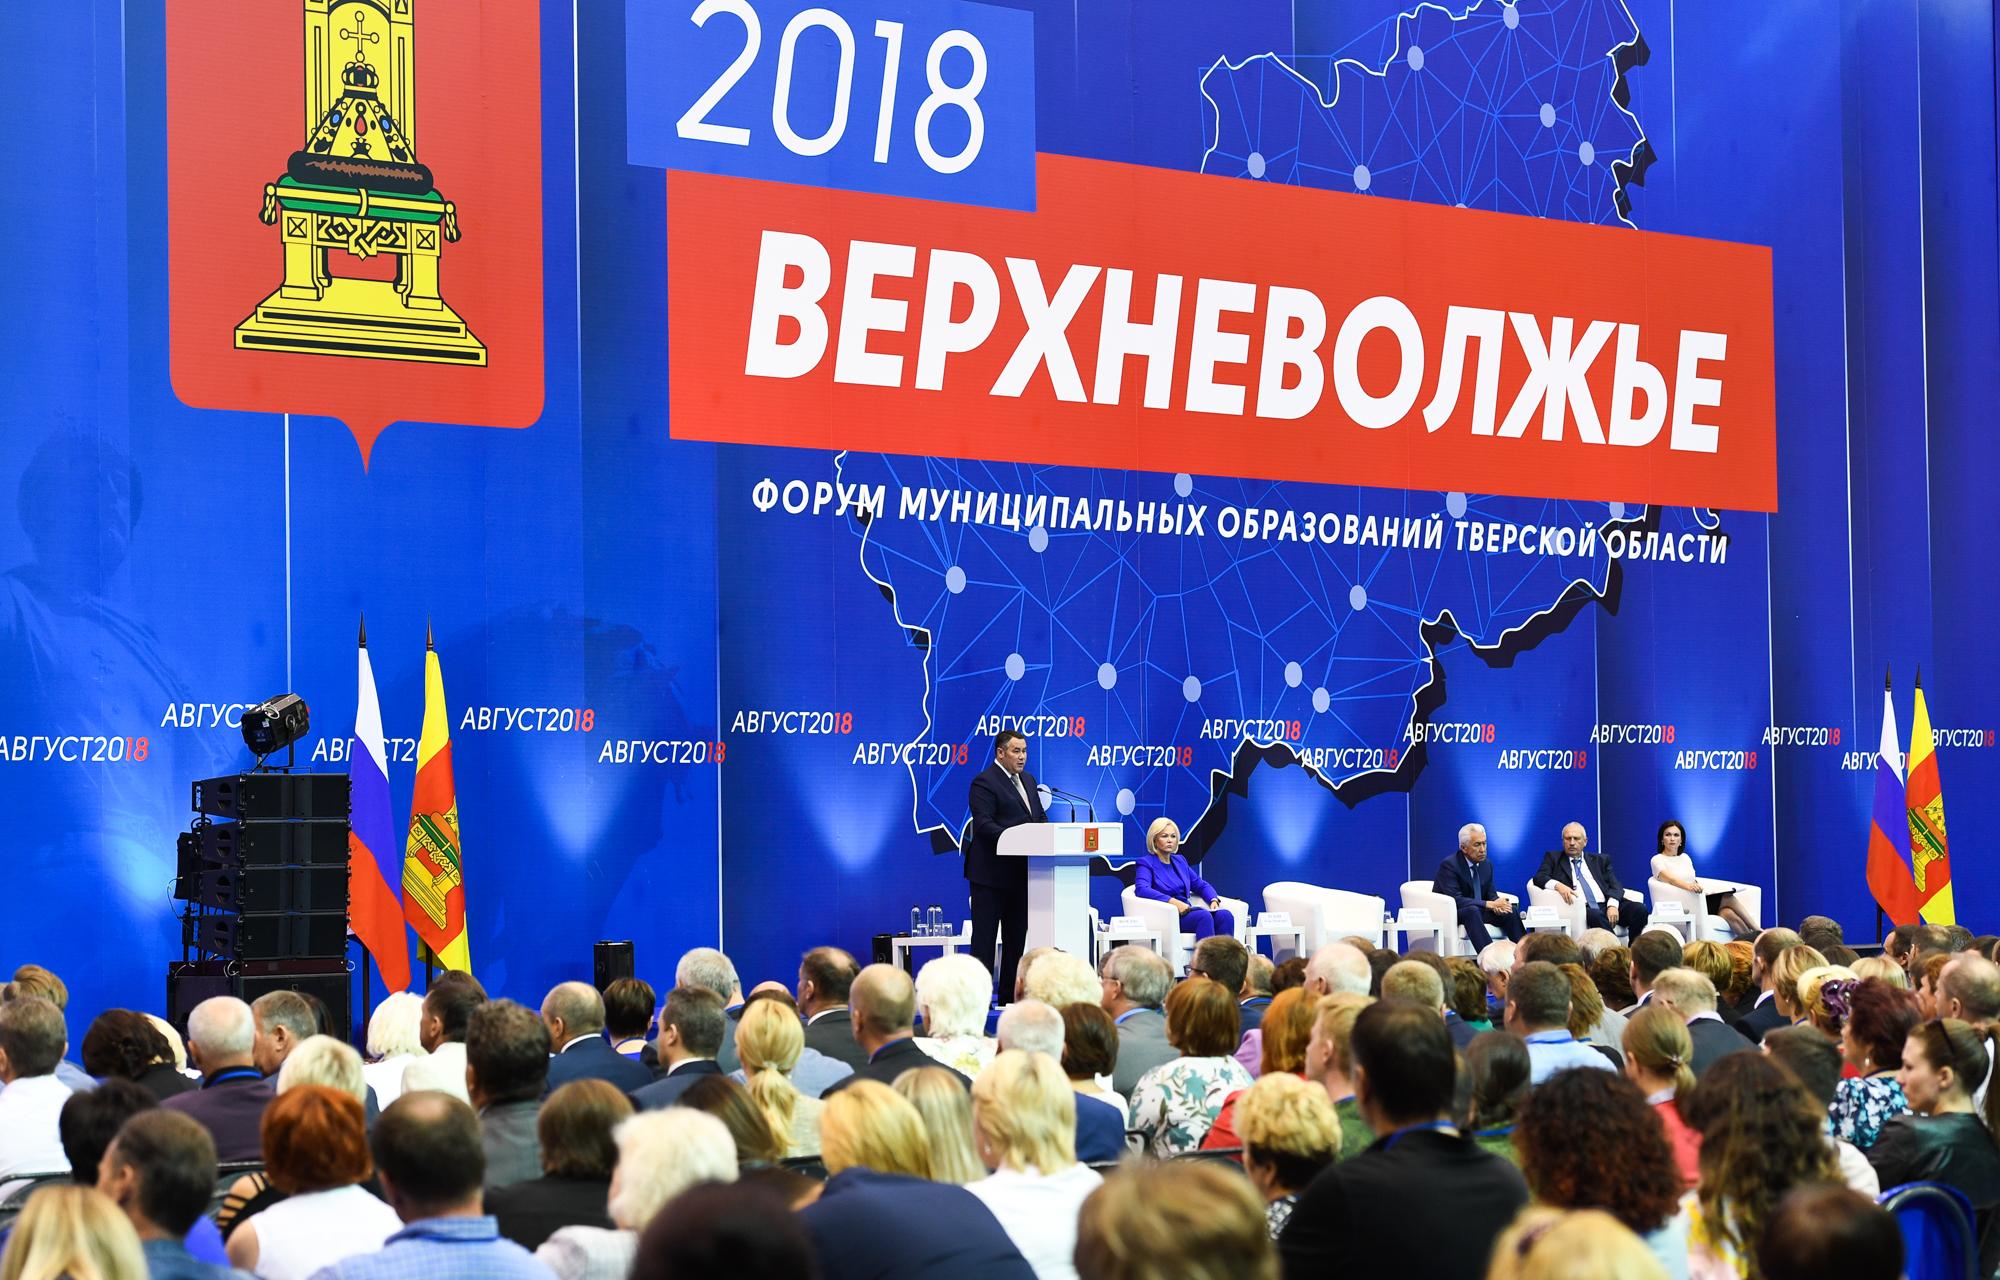 Владимир Васильев принял участие в форуме в Тверской области